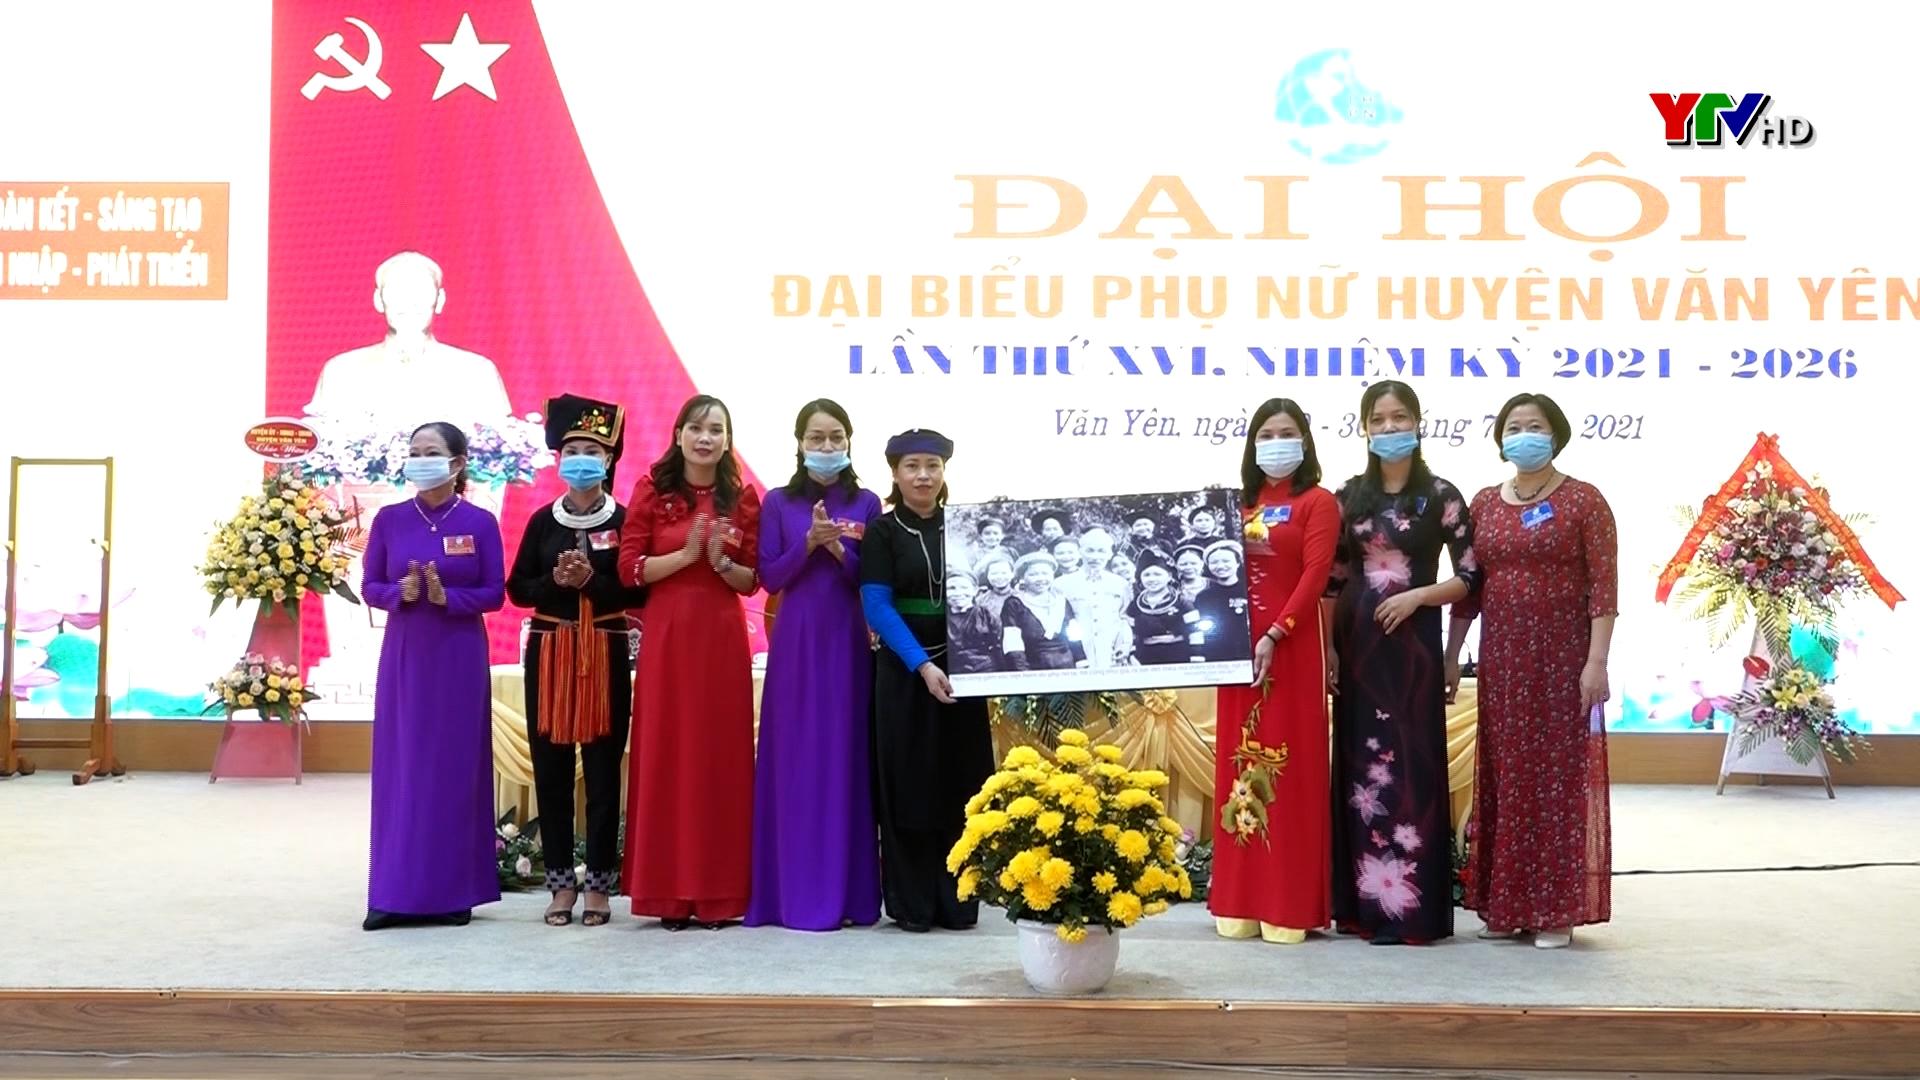 Hội Liên hiệp Phụ nữ huyện Văn Yên và huyện Trạm Tấu tổ chức thành công Đại hội đại biểu nhiệm kỳ 2021 – 2026